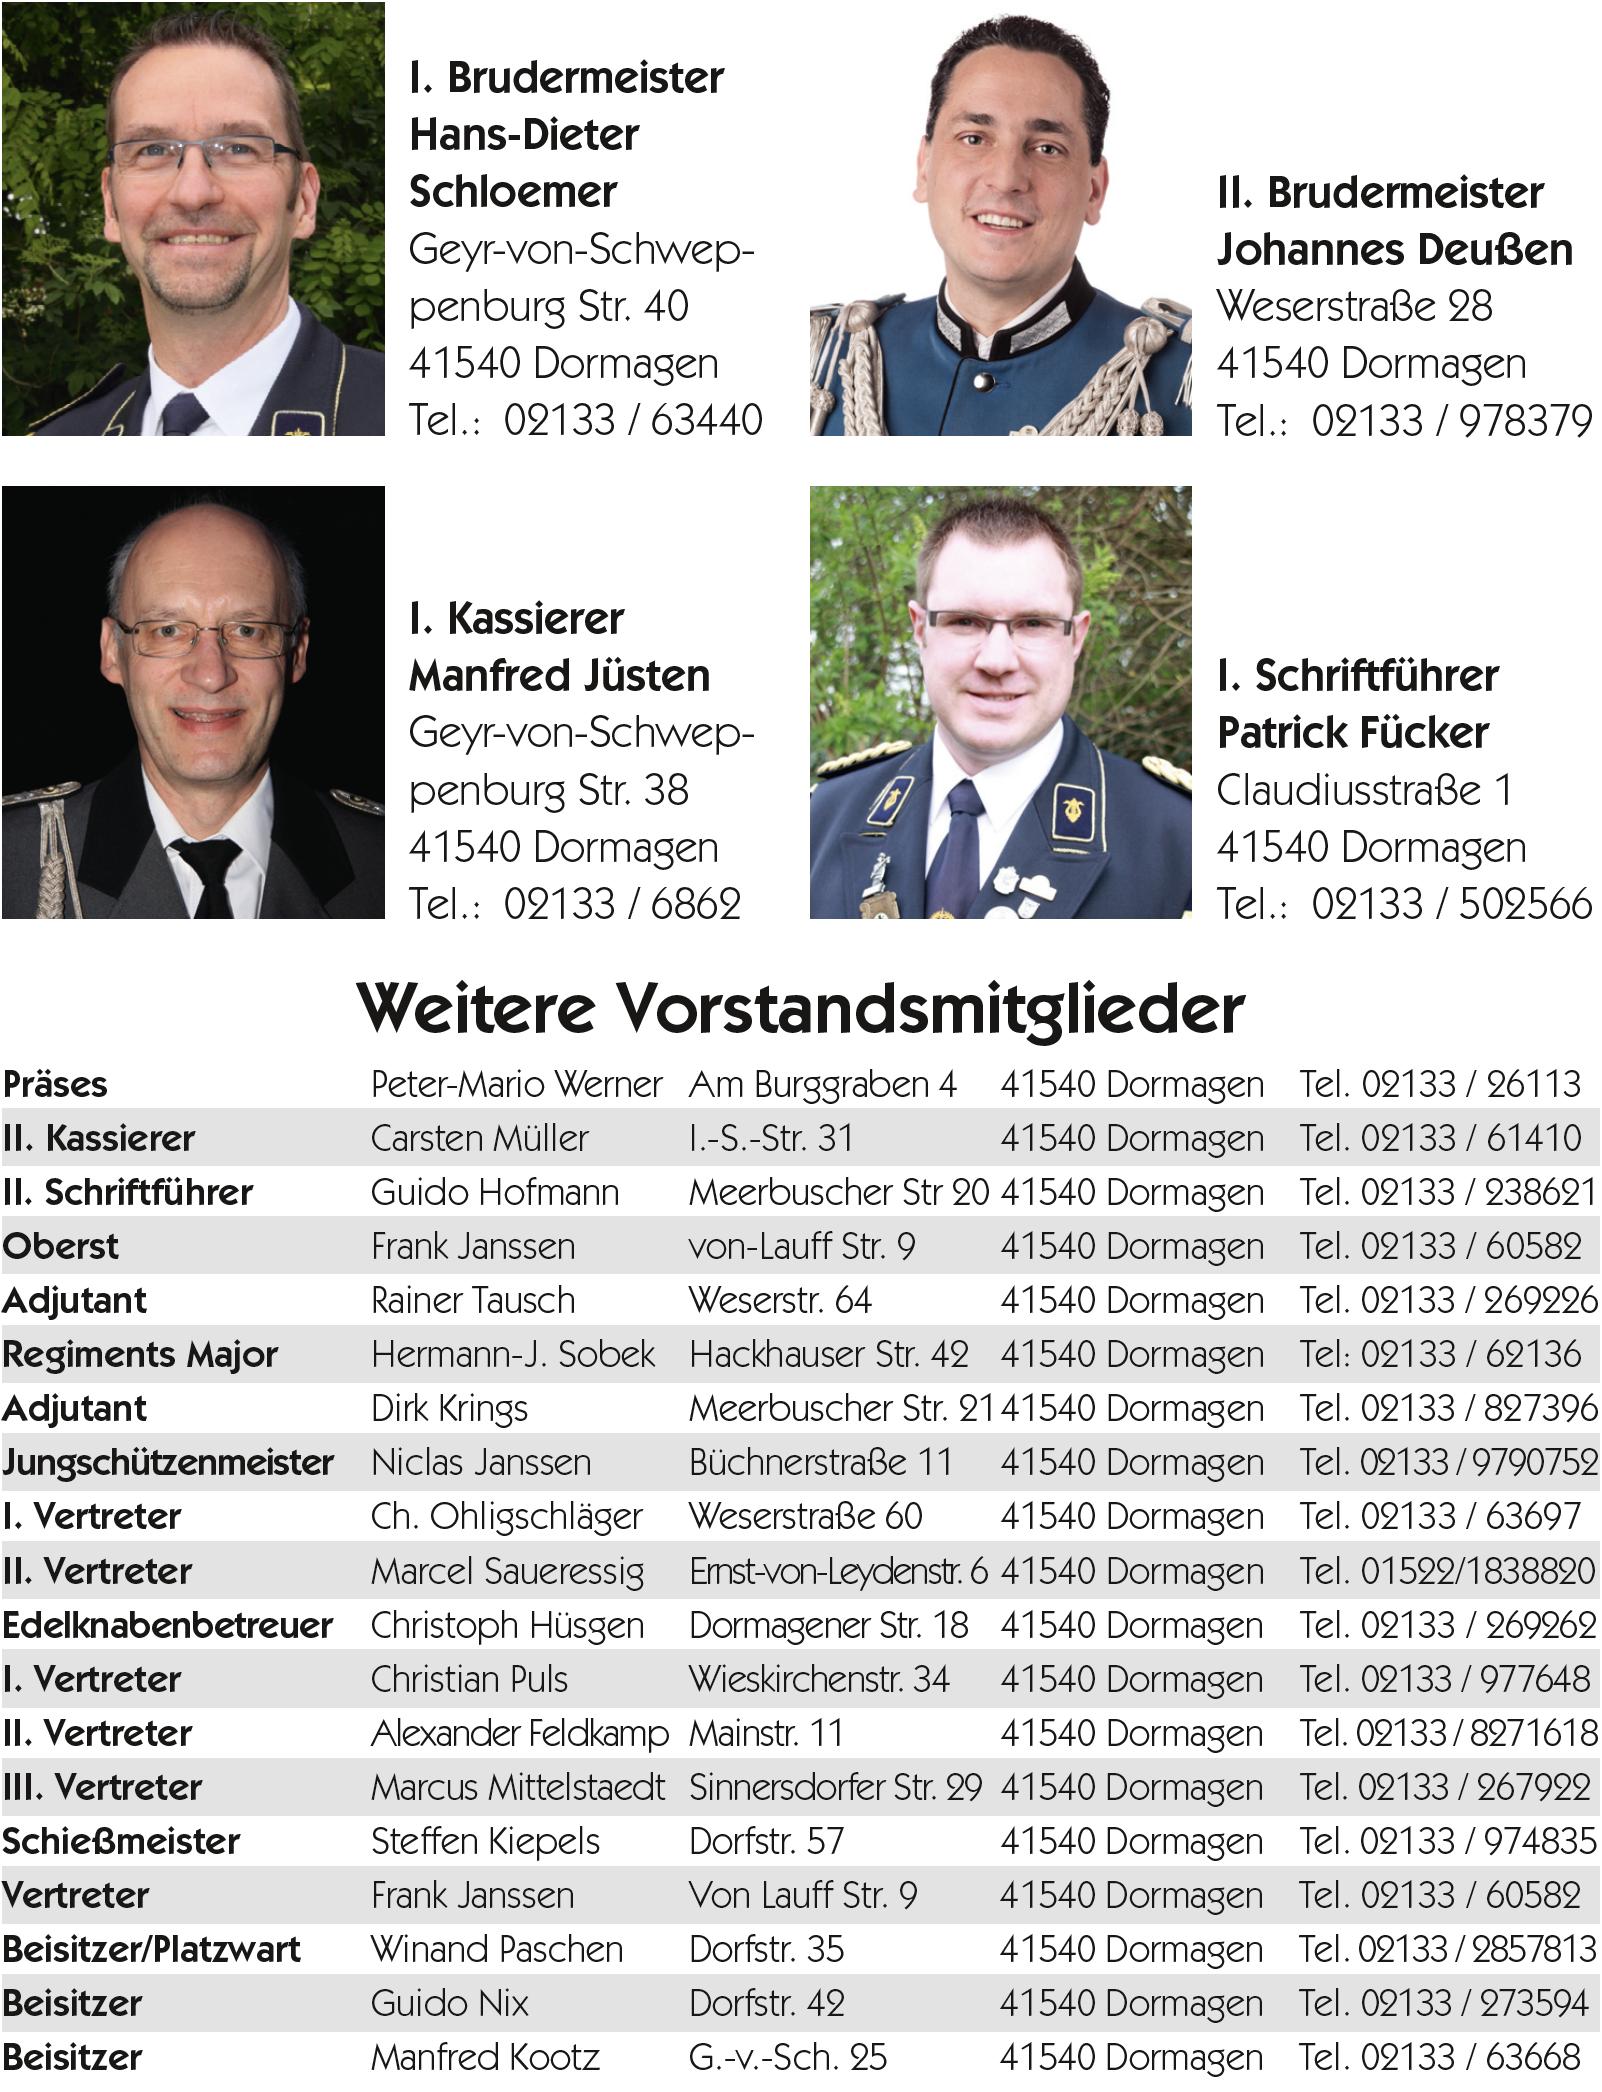 Vorstand der Hackenbroicher Bruderschaft